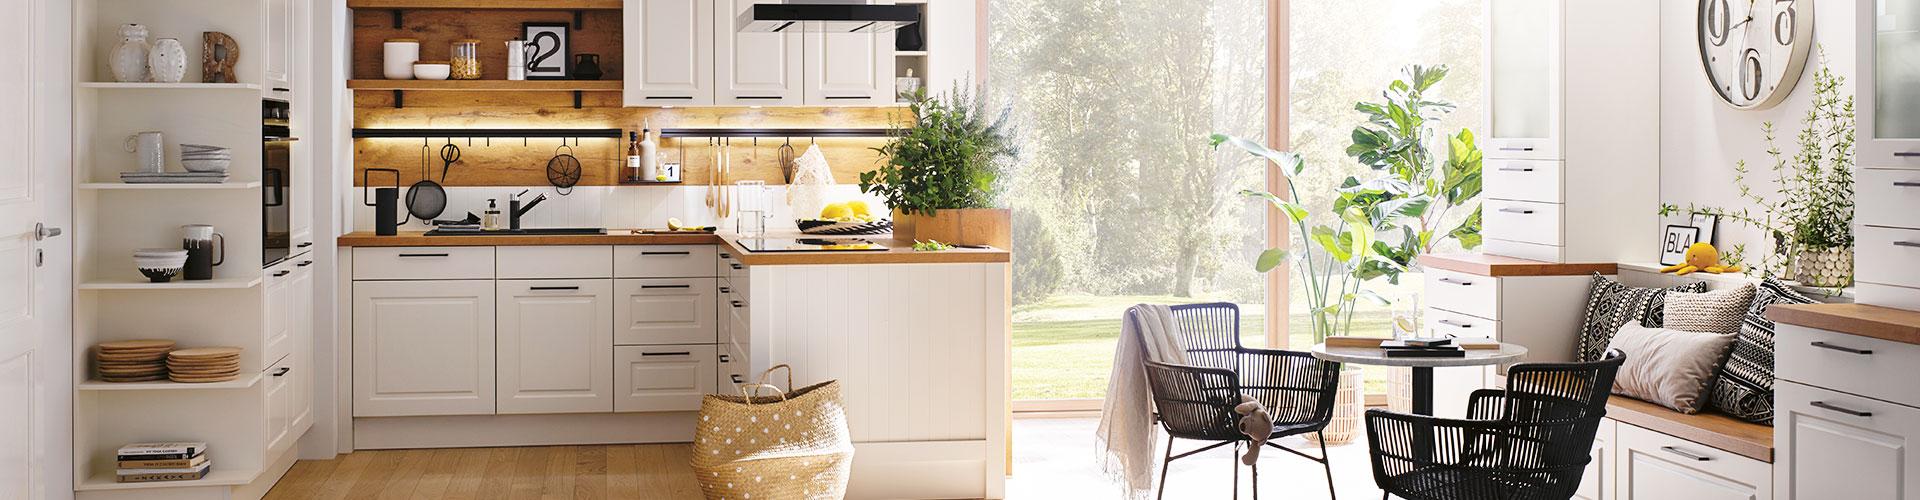 Headerbild Landhaus Küchen